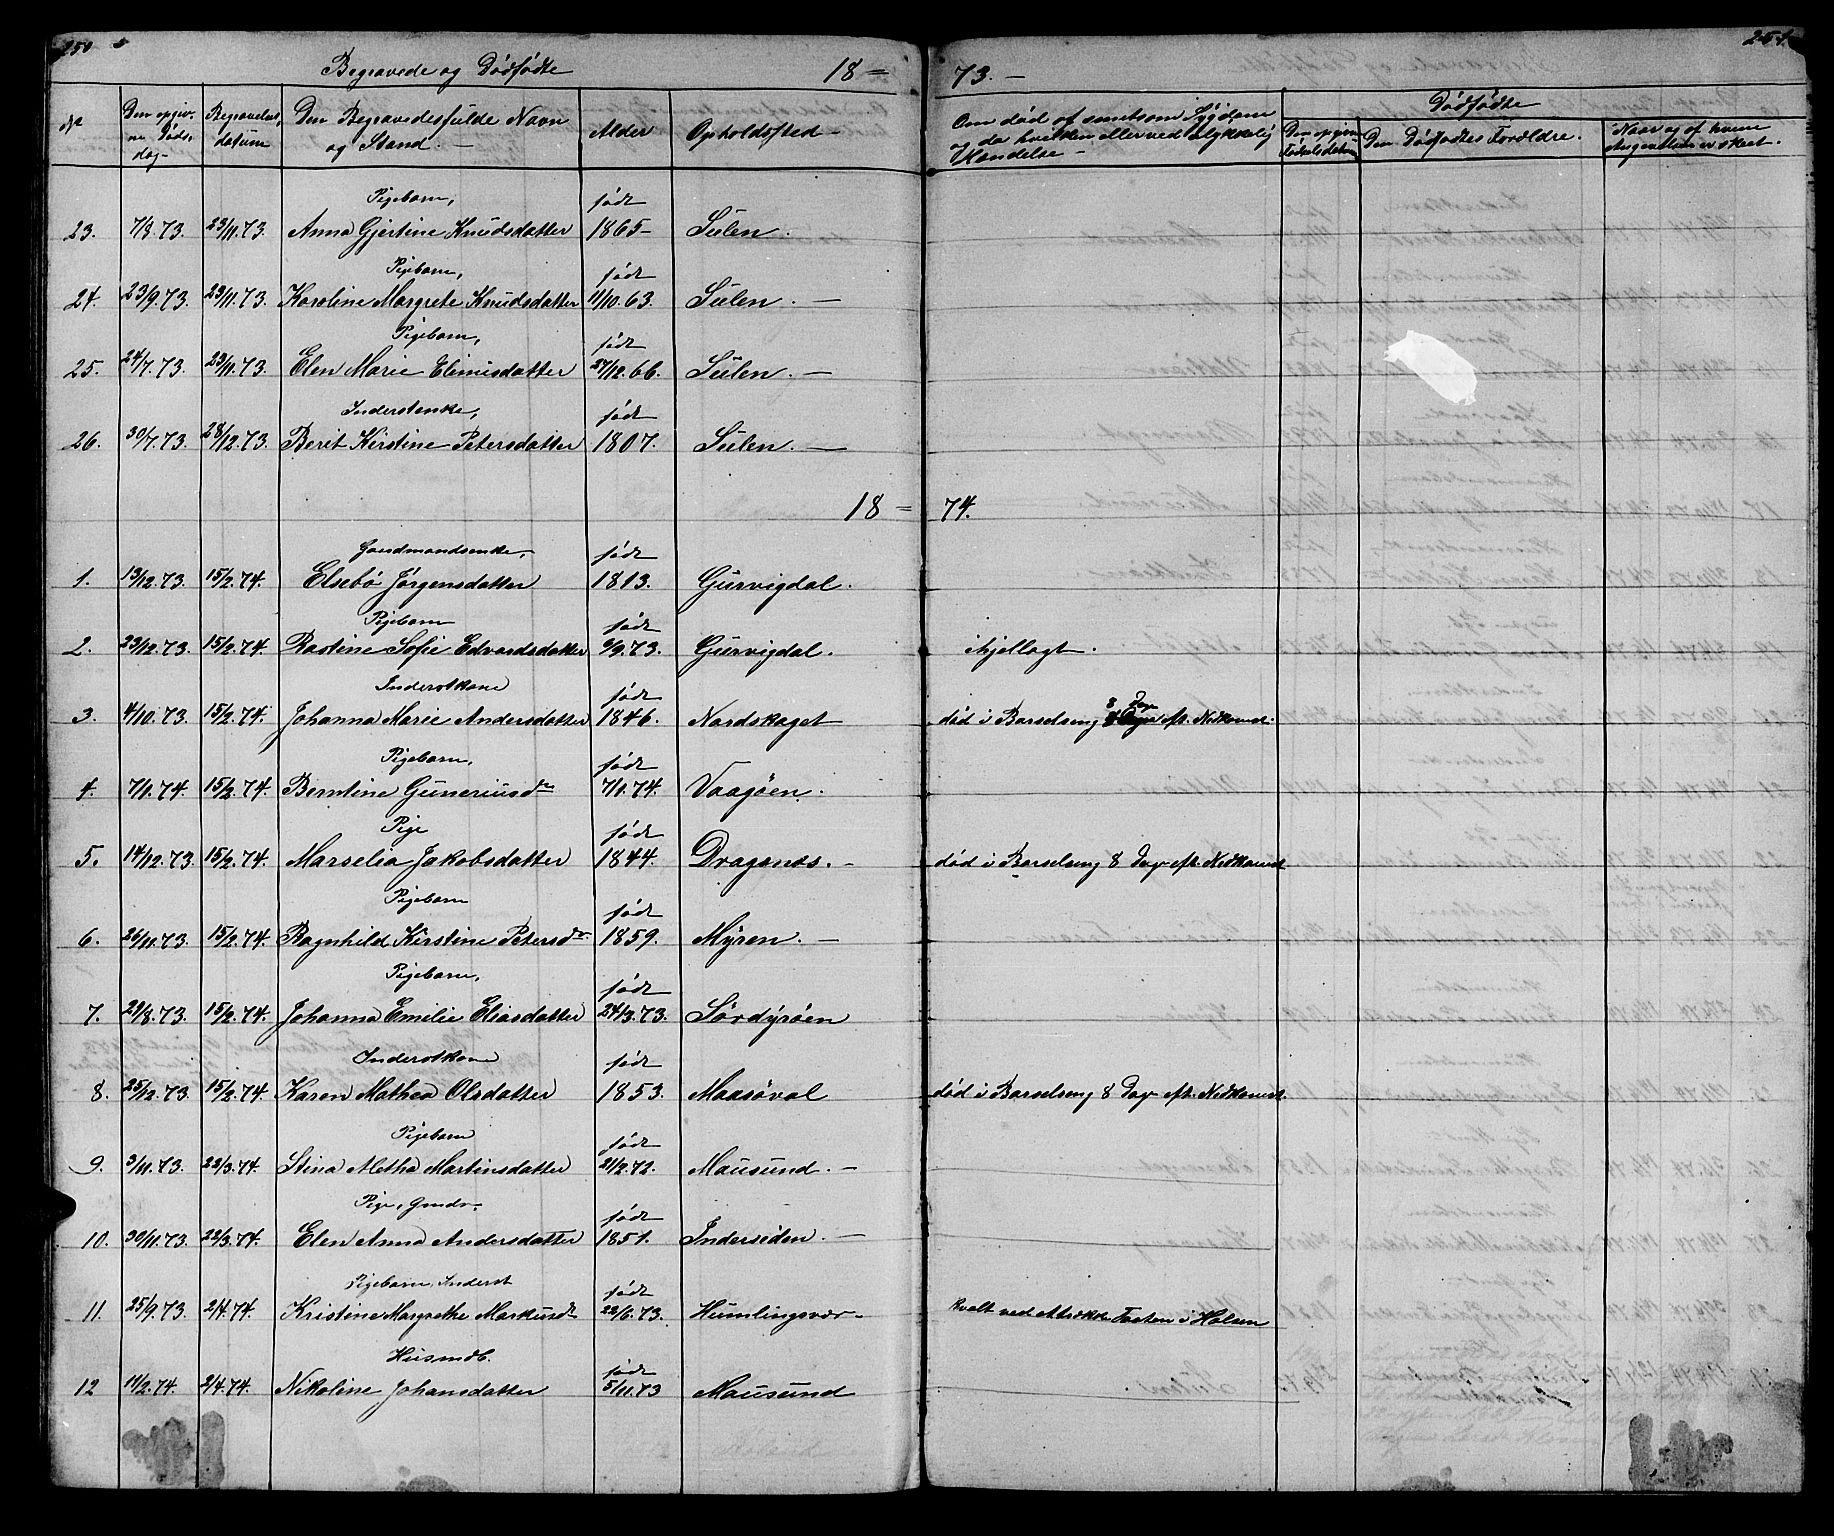 SAT, Ministerialprotokoller, klokkerbøker og fødselsregistre - Sør-Trøndelag, 640/L0583: Klokkerbok nr. 640C01, 1866-1877, s. 250-251